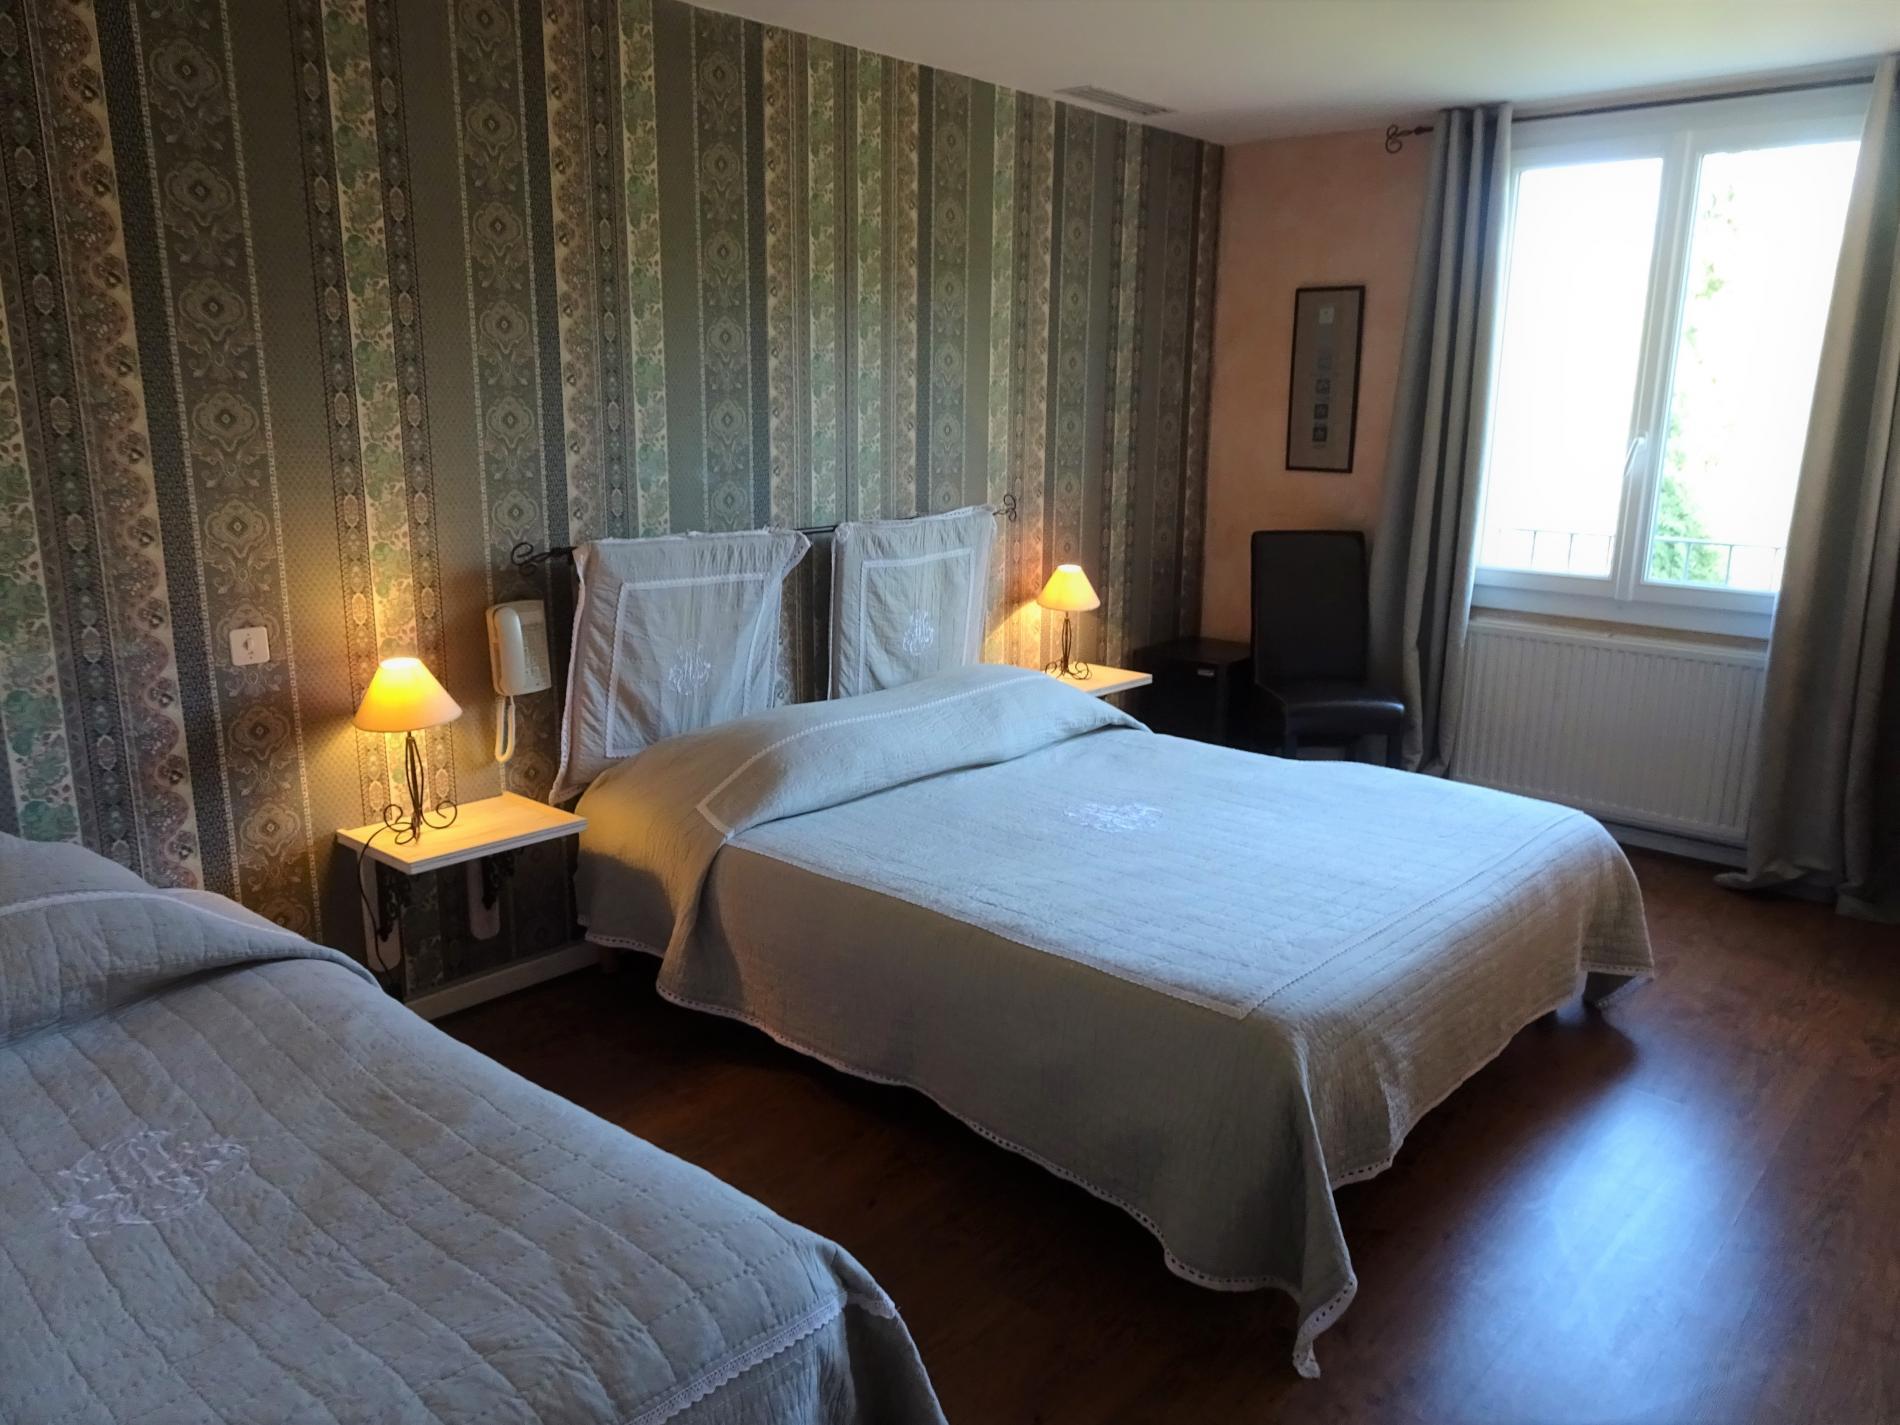 Chambre d'hôtel avec grand lit, lit simple et vue parc